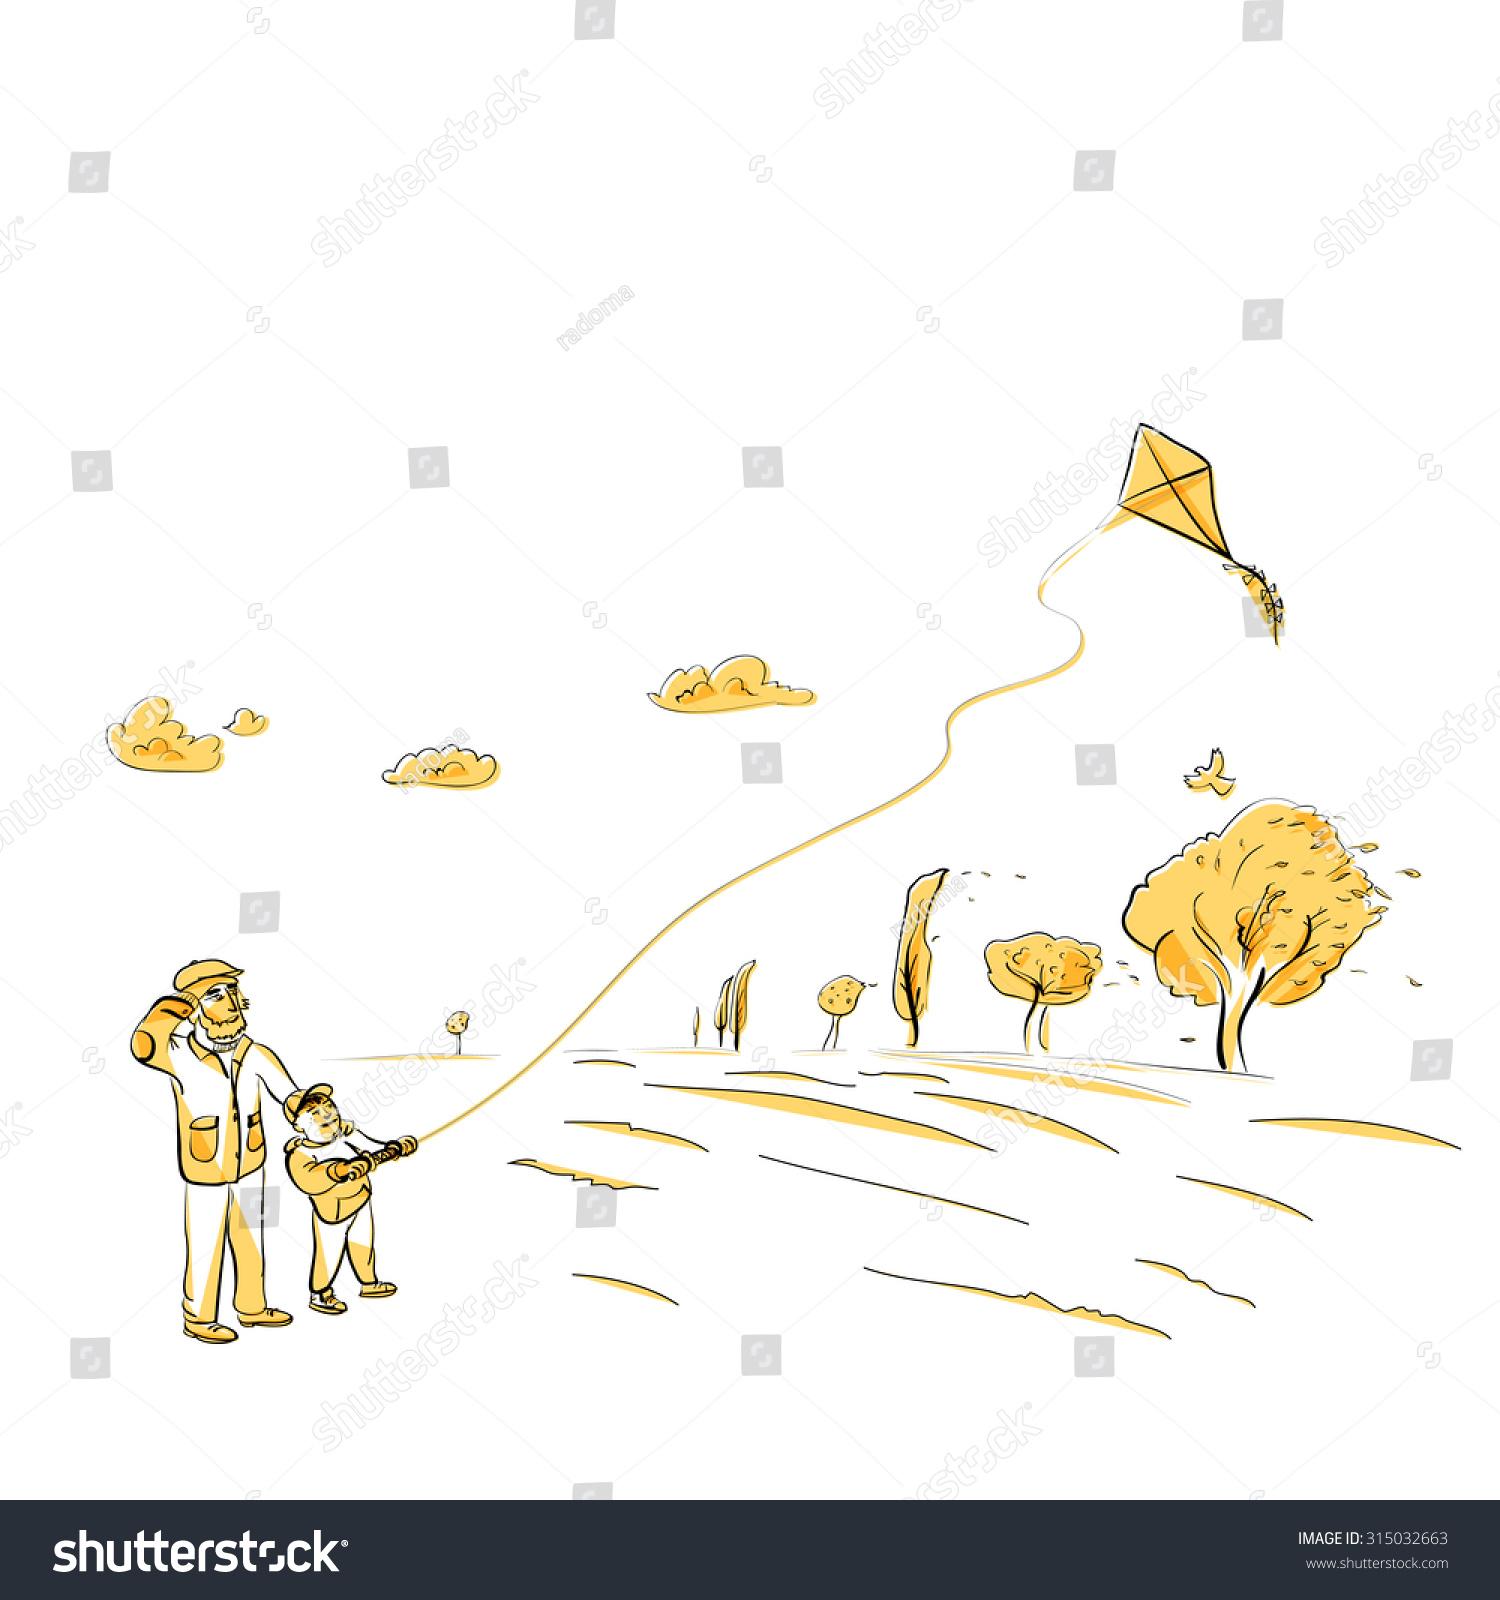 flying kite illustration - photo #34